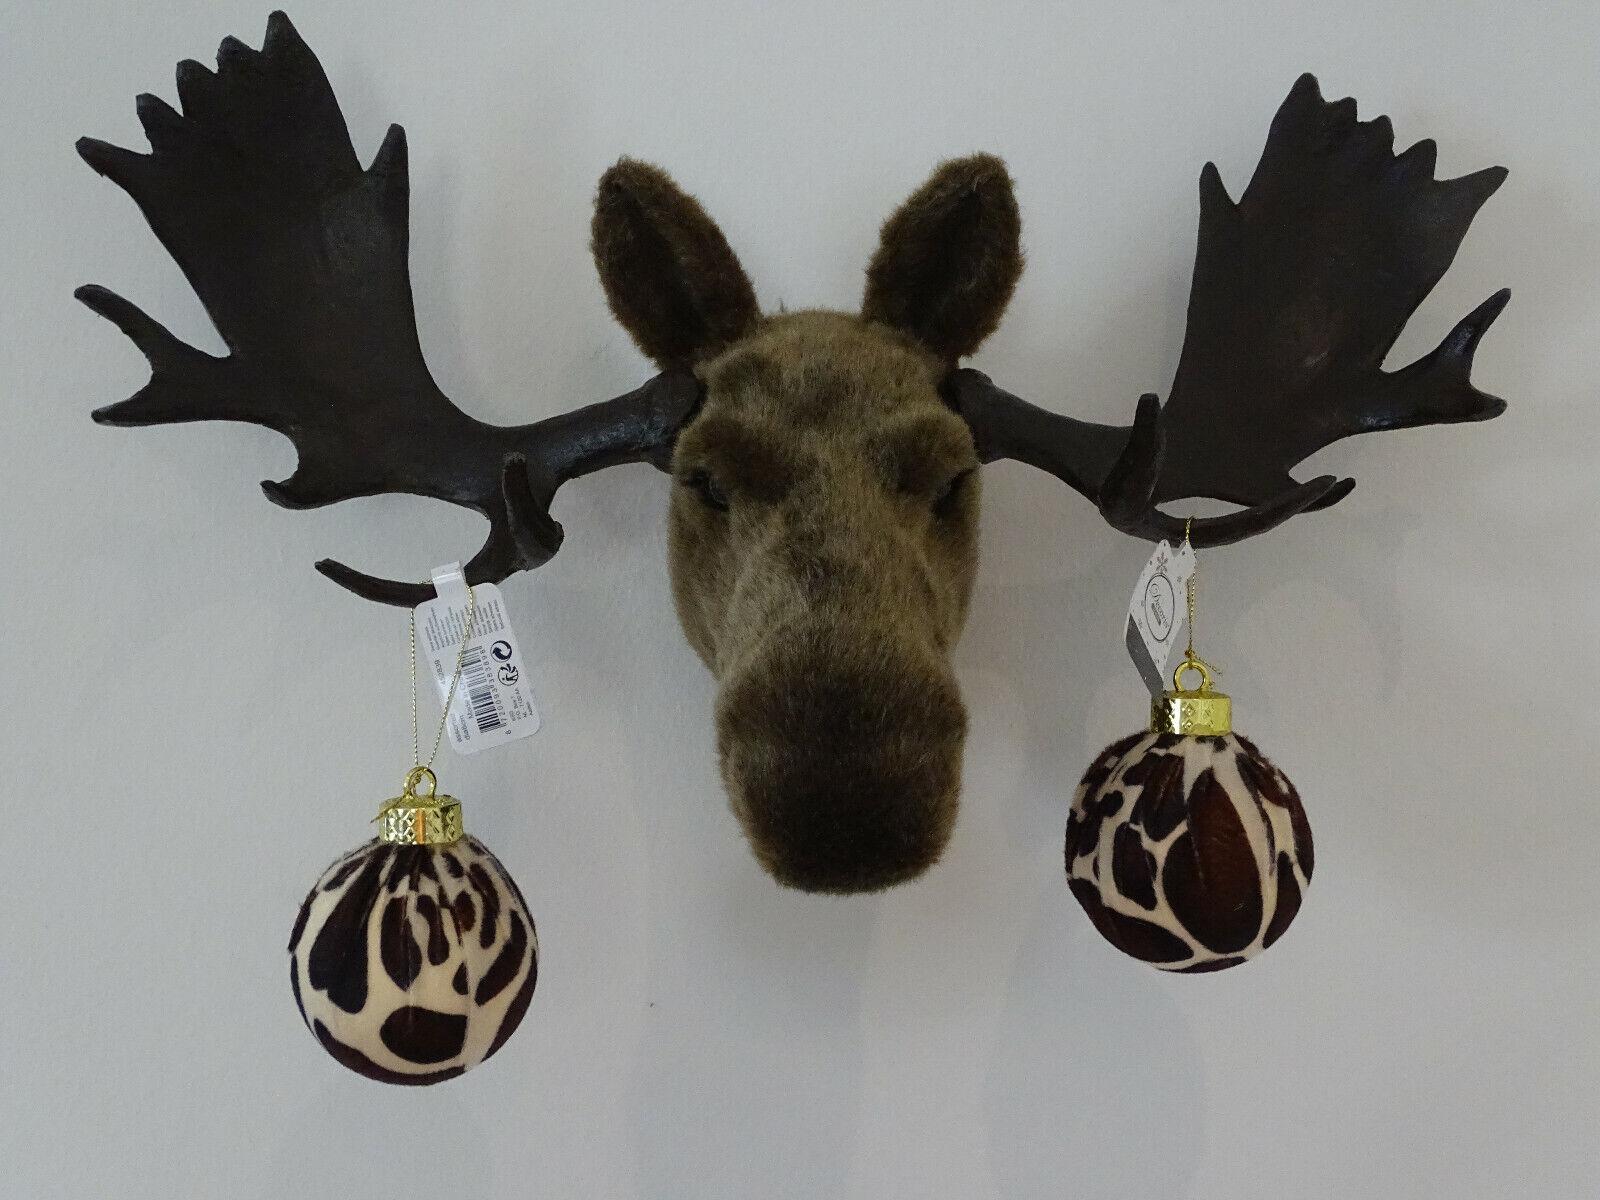 Christbaumschmuck Schmuck Weihnachtskugel Christbaumkugel Giraffe Fell Look